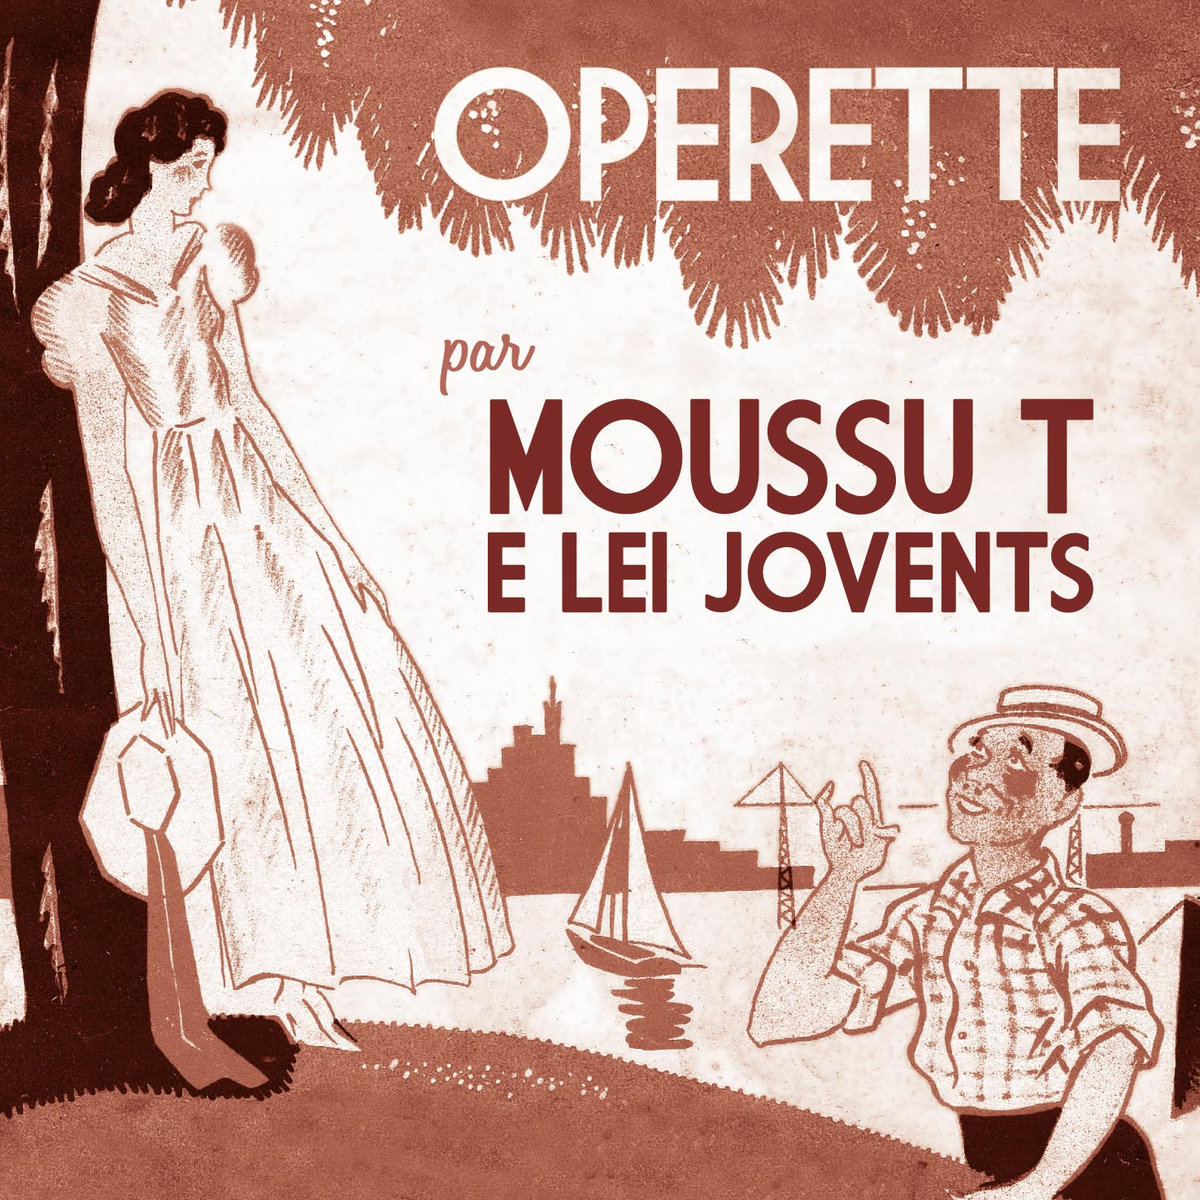 L'opérette marseillaise comme art de vivre